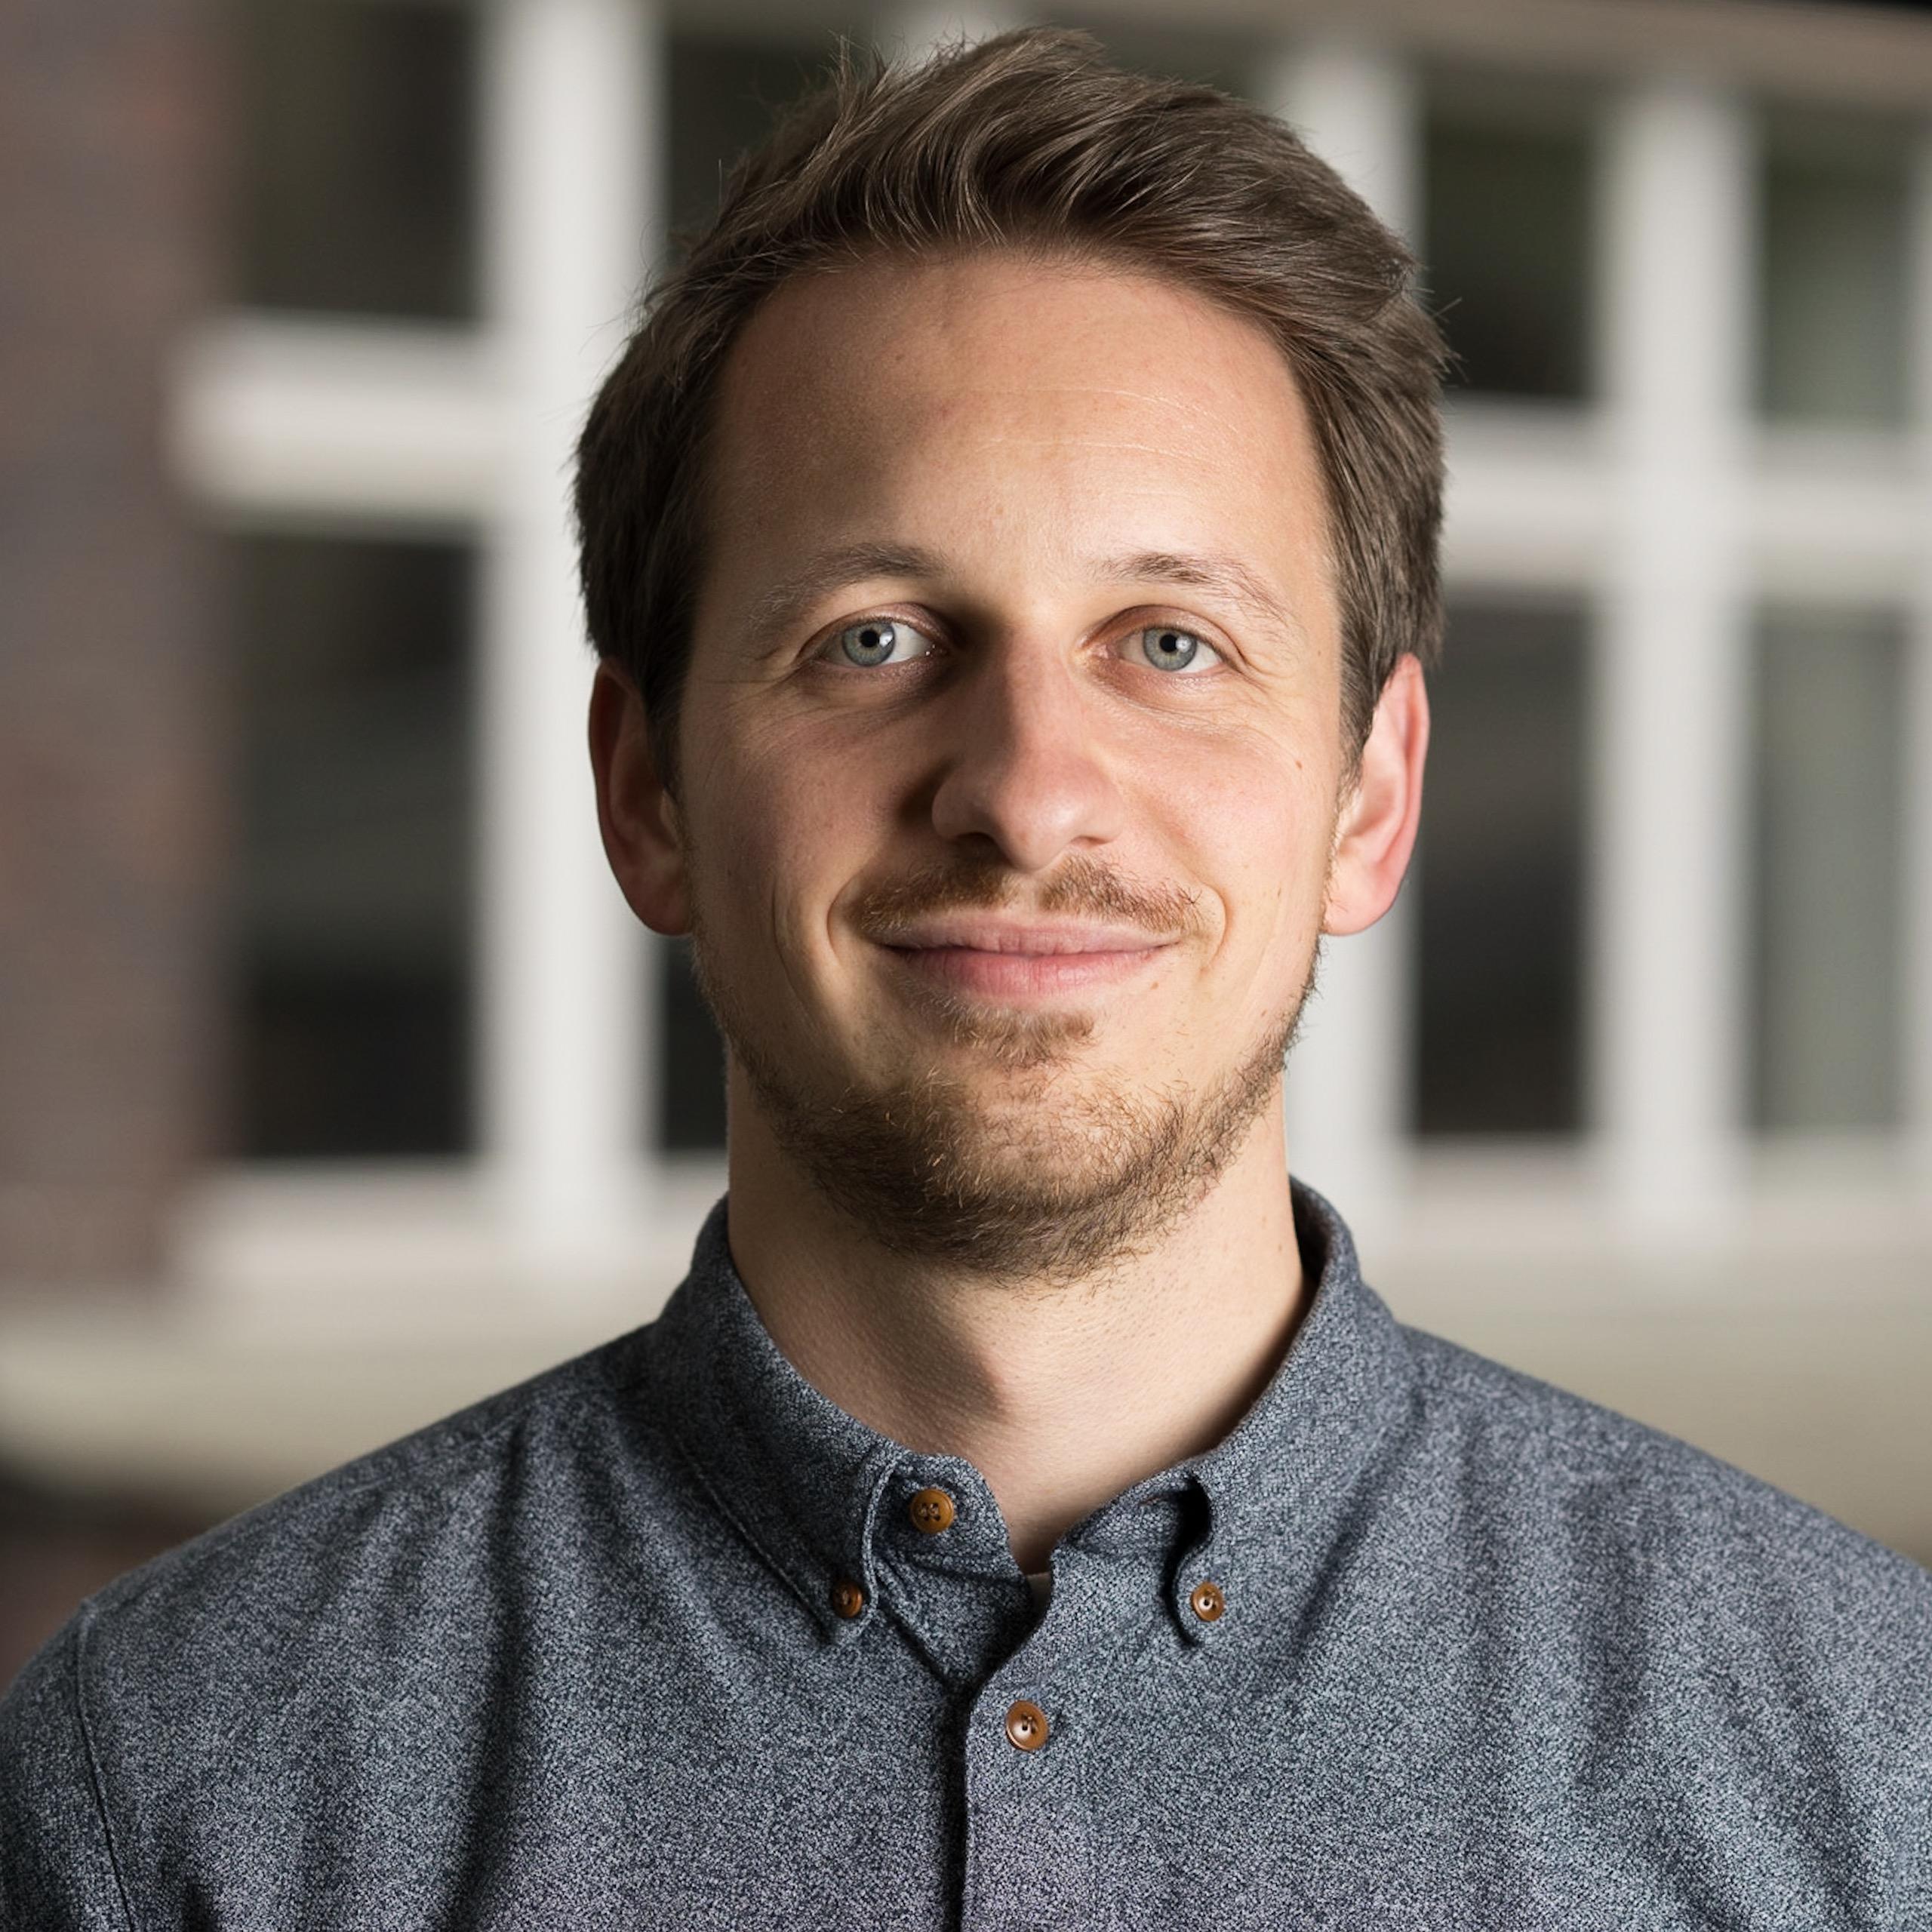 Philipp Tasler